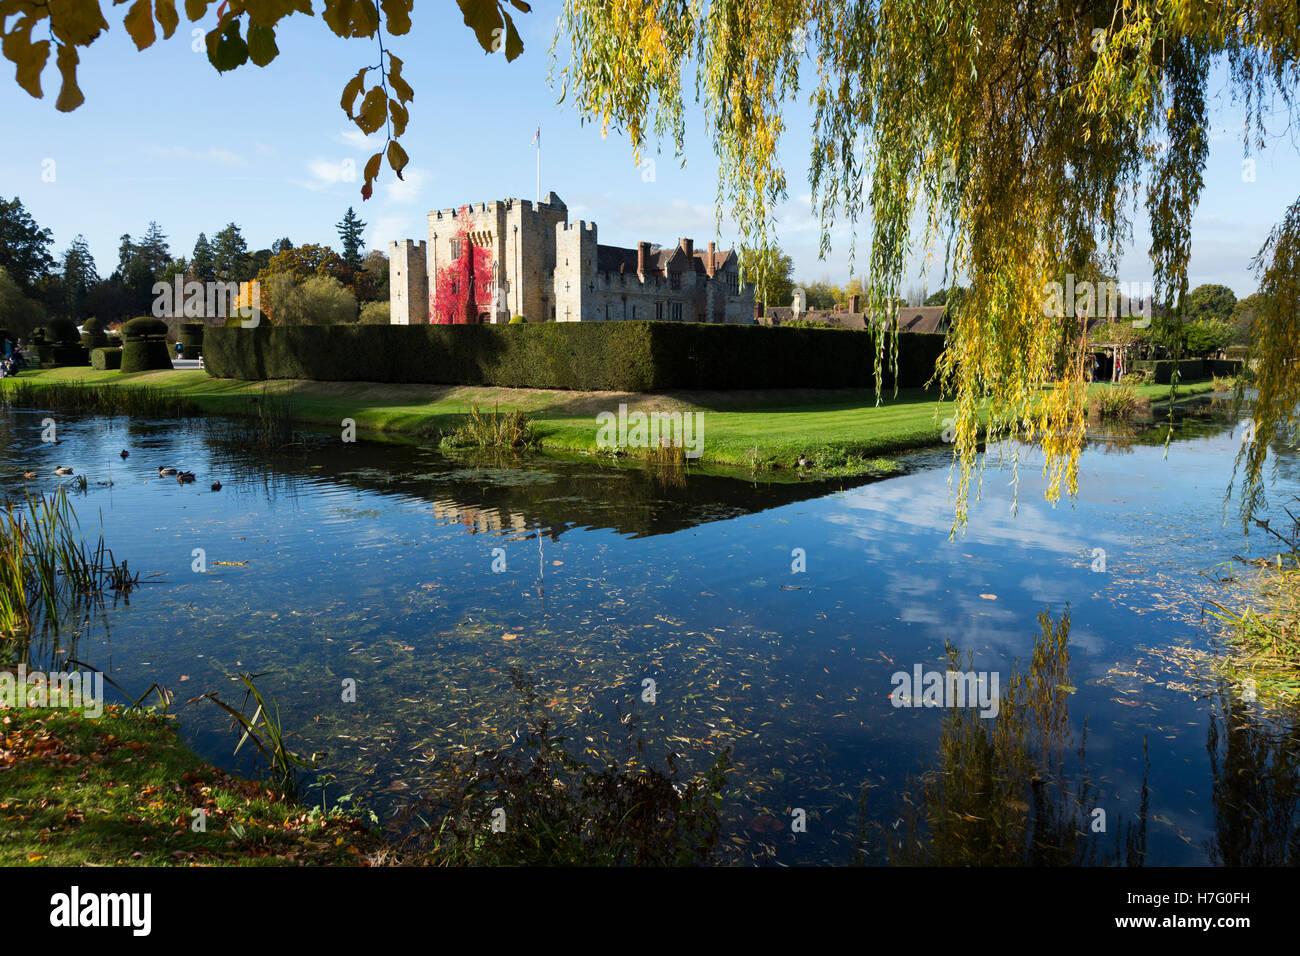 Hever Castle & Graben, ehemalige Heimat von Anne Boleyn, verkleidet mit wildem Wein rot herbstlichen & blauer Stockbild